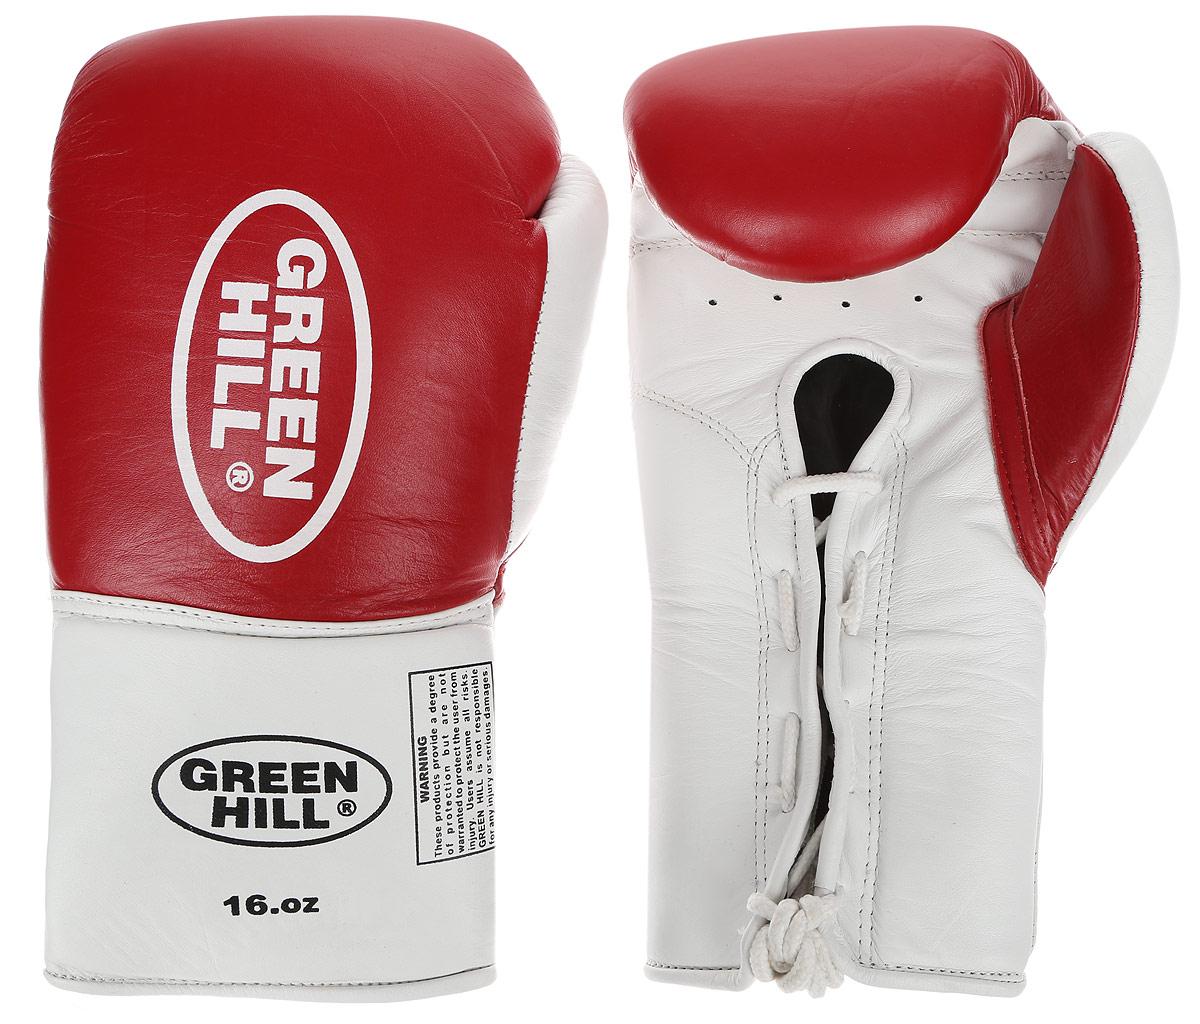 Перчатки боксерские Green Hill Proffi, цвет: красный, белый. Вес 16 унций. BGP-2014BGF-1215Боксерские перчатки Green Hill Proffi предназначены для использования профессионалами. Верх выполнен из натуральной кожи, наполнитель - из вспененного полимера. Отверстие в области ладони позволяет создать максимально комфортный терморежим во время занятий. Манжет на шнуровке способствует быстрому и удобному надеванию перчаток, плотно фиксирует перчатки на руке.